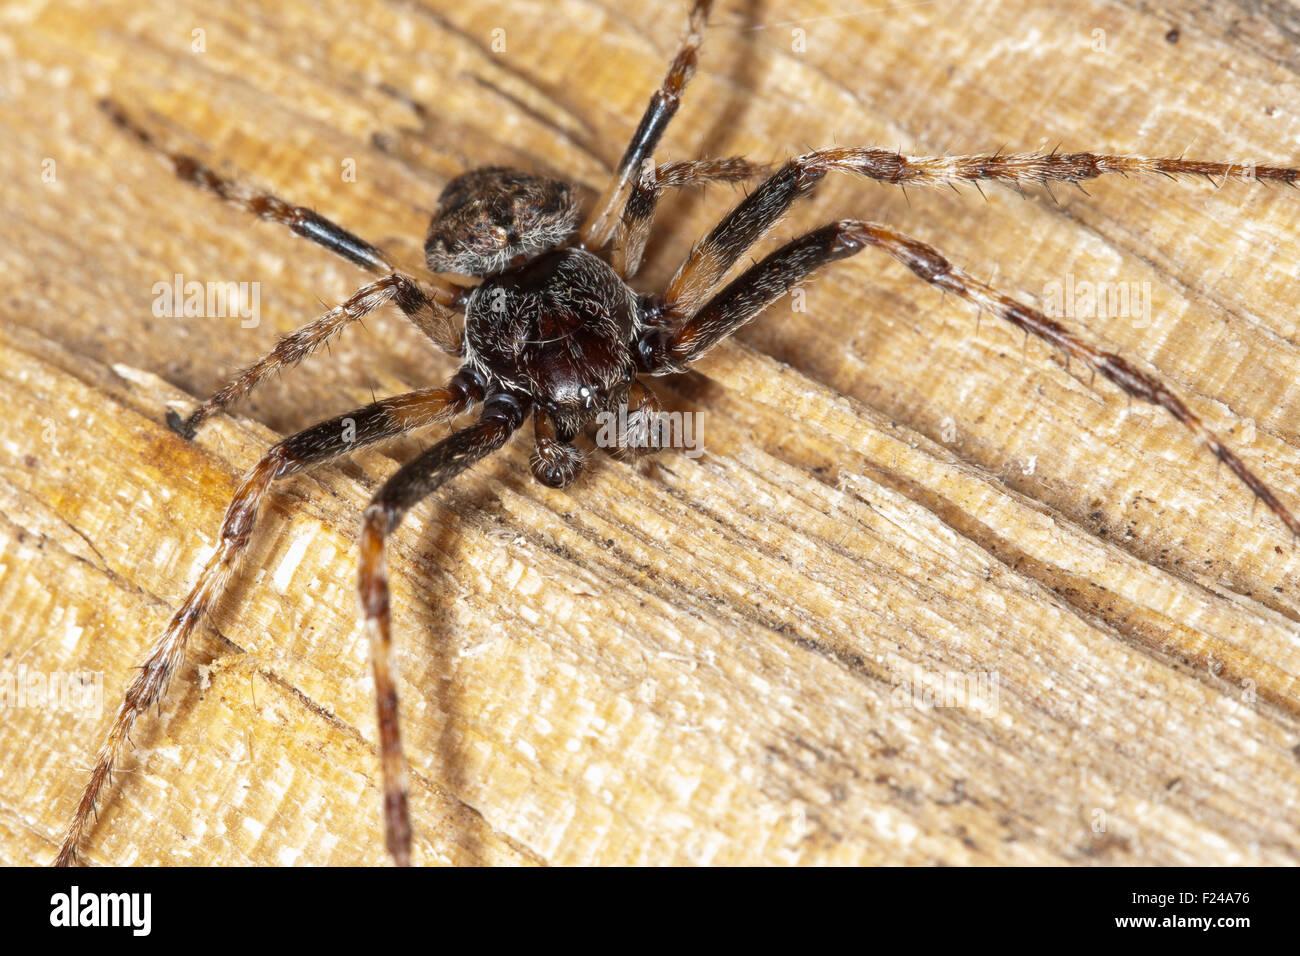 Walnut Orb-Weaver Spider, walnut orb weaver spider, male, Spaltenkreuzspinne, Spalten-Kreuzspinne, Männchen, - Stock Image